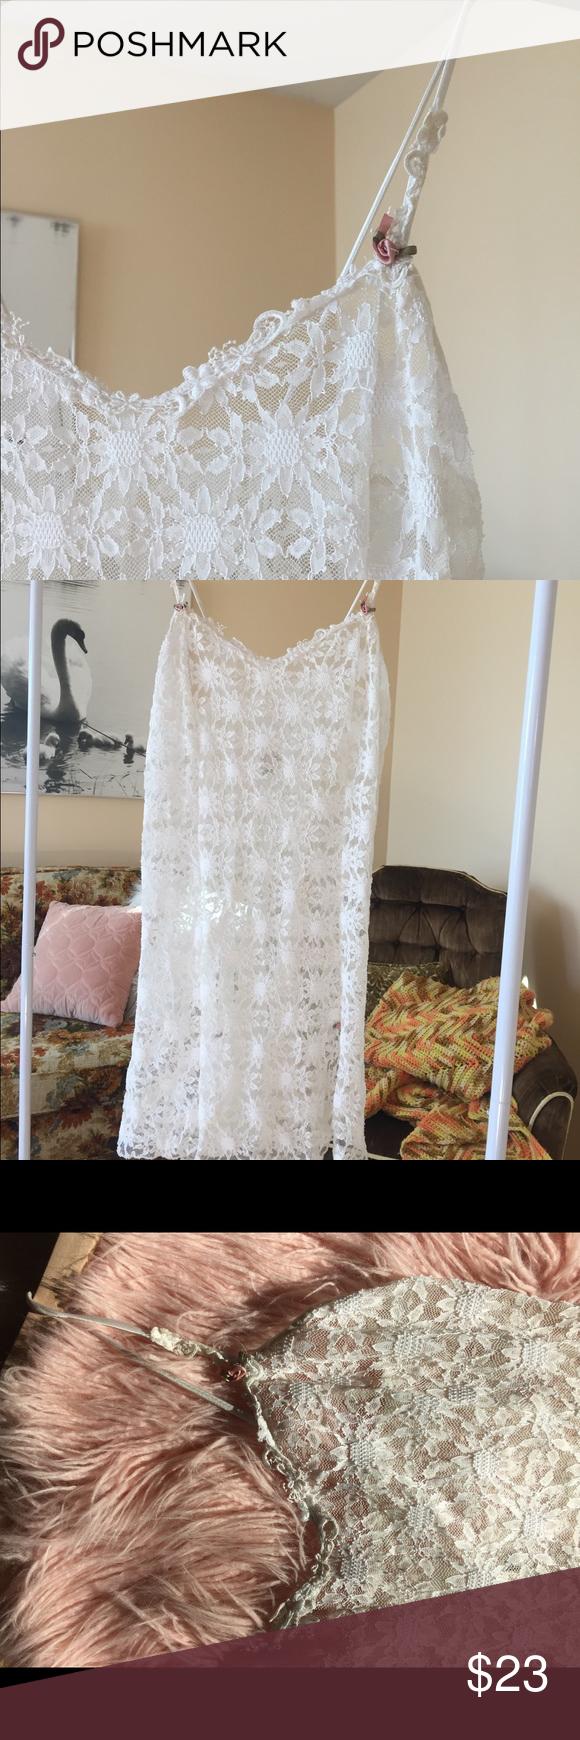 White lace shift dress white lace lace dress and white lace